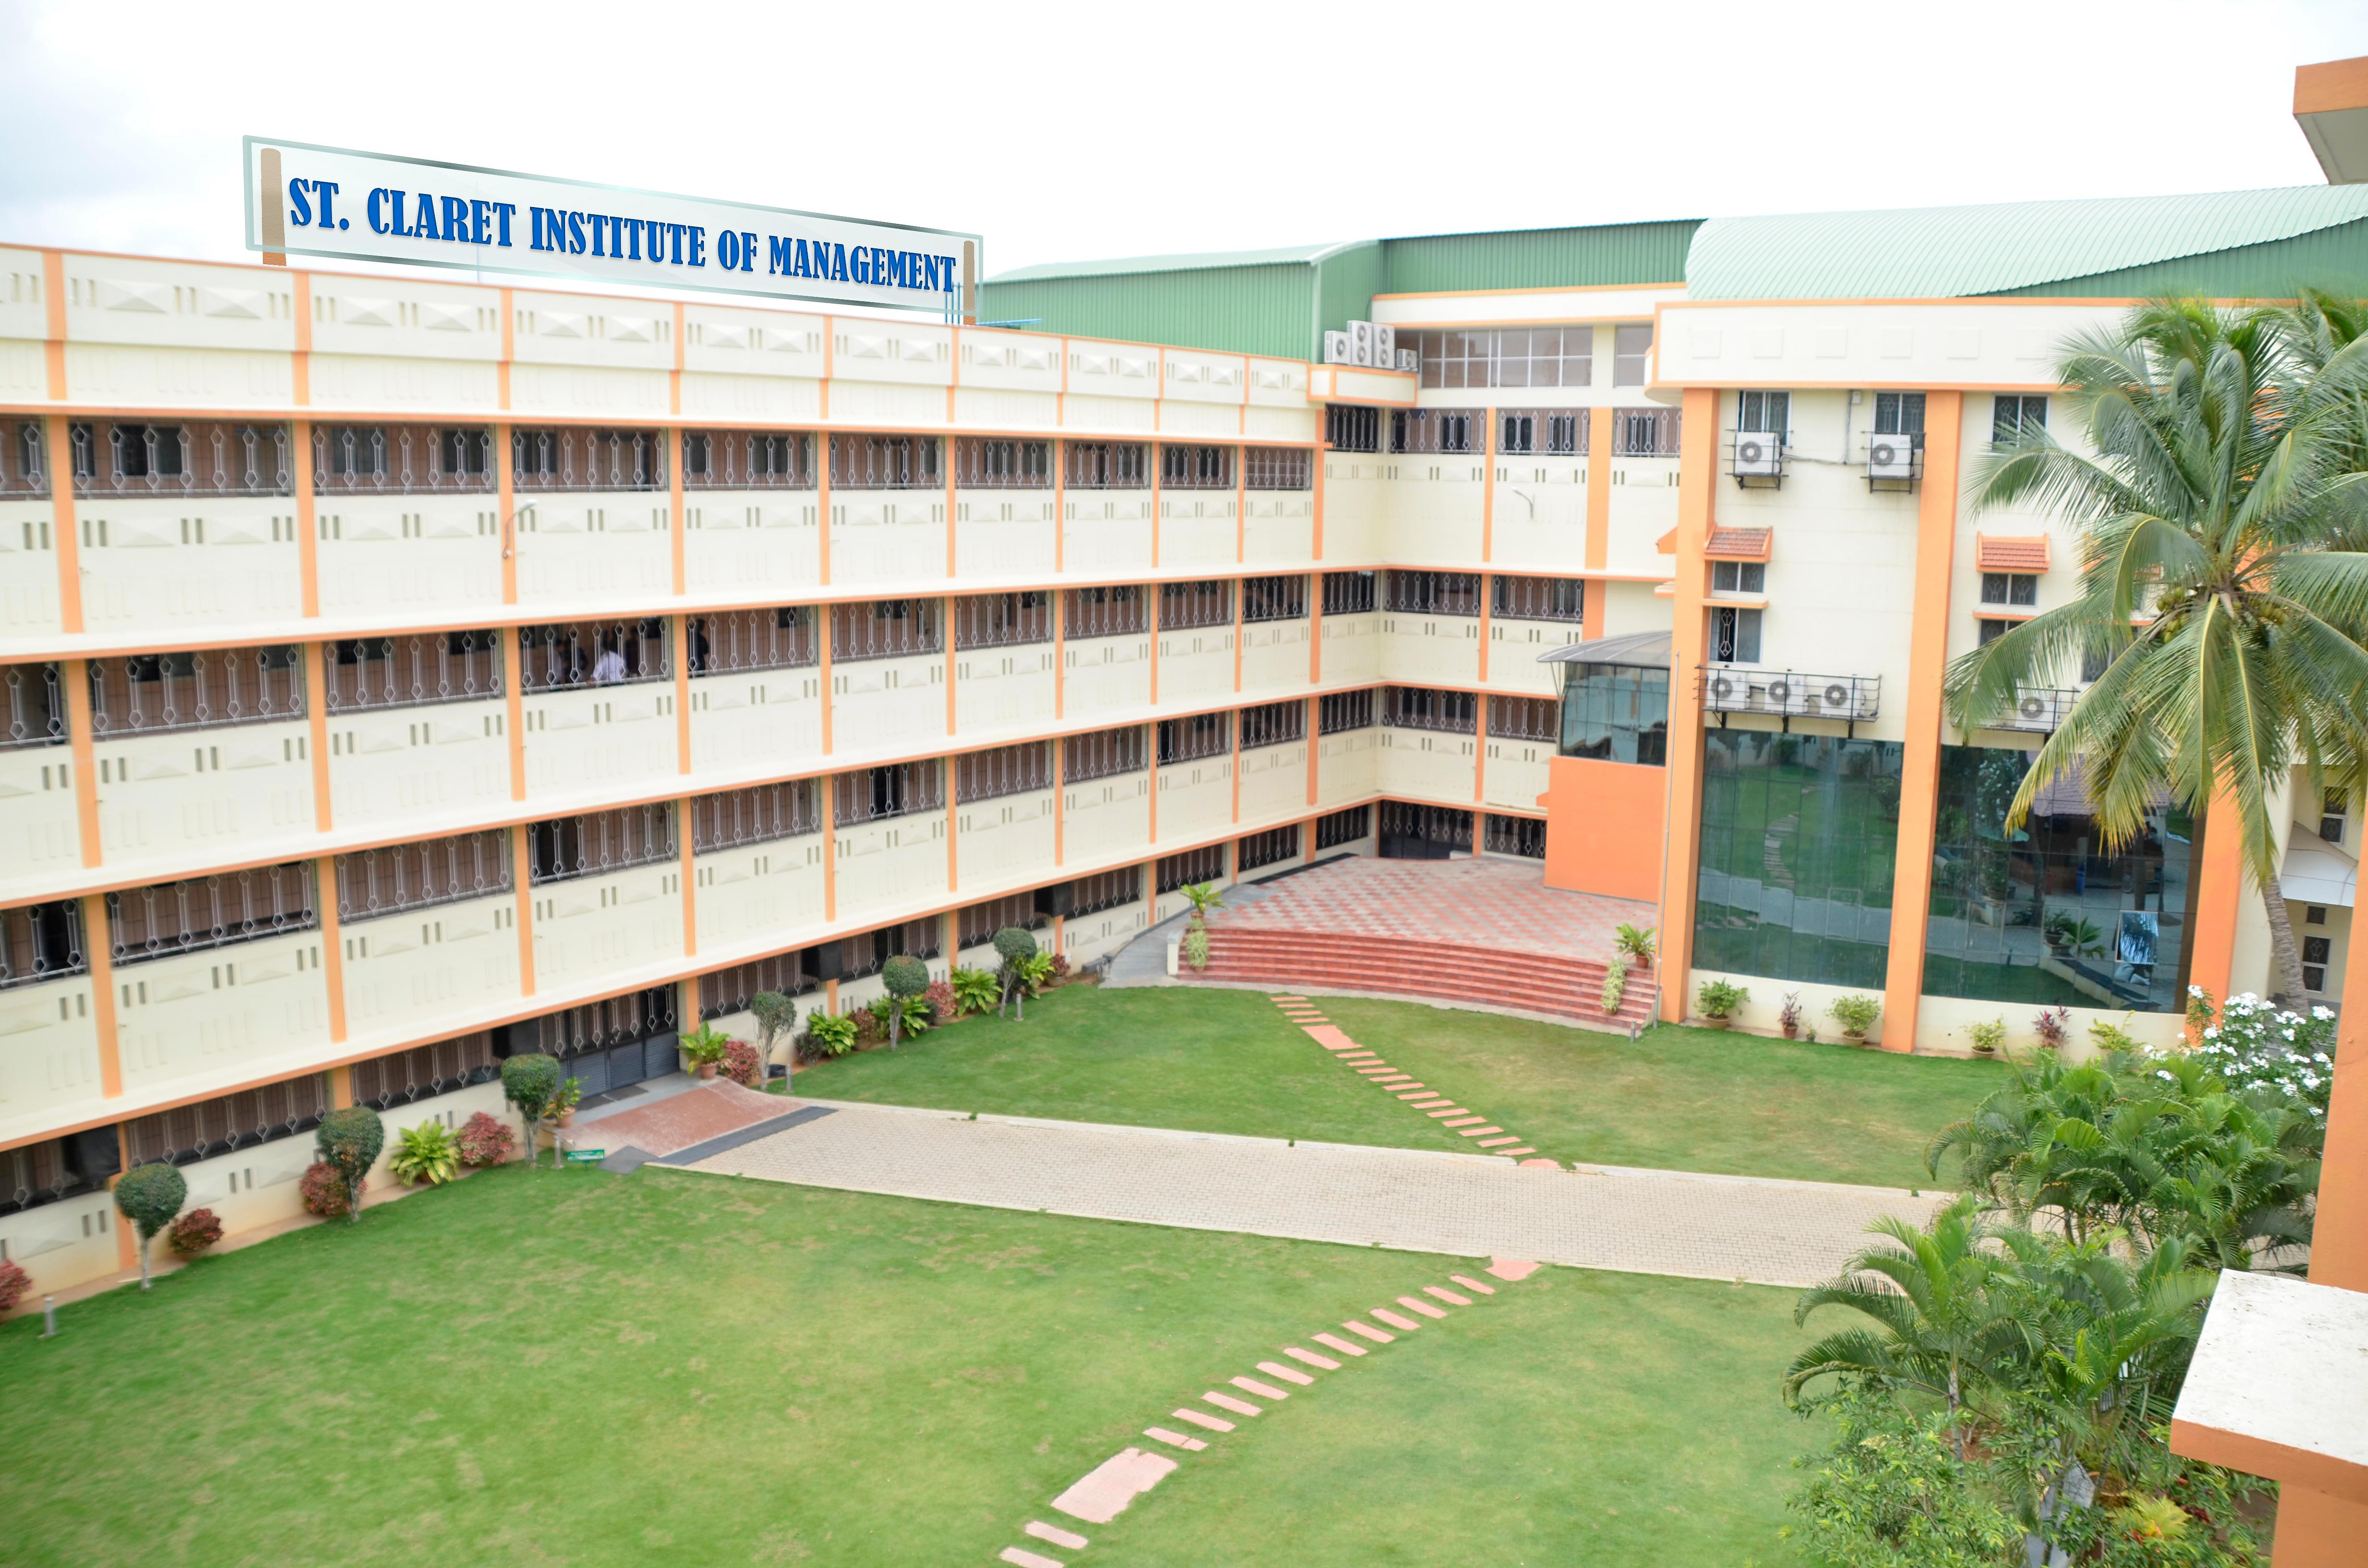 St. Claret Institute of Management - [SCIM]